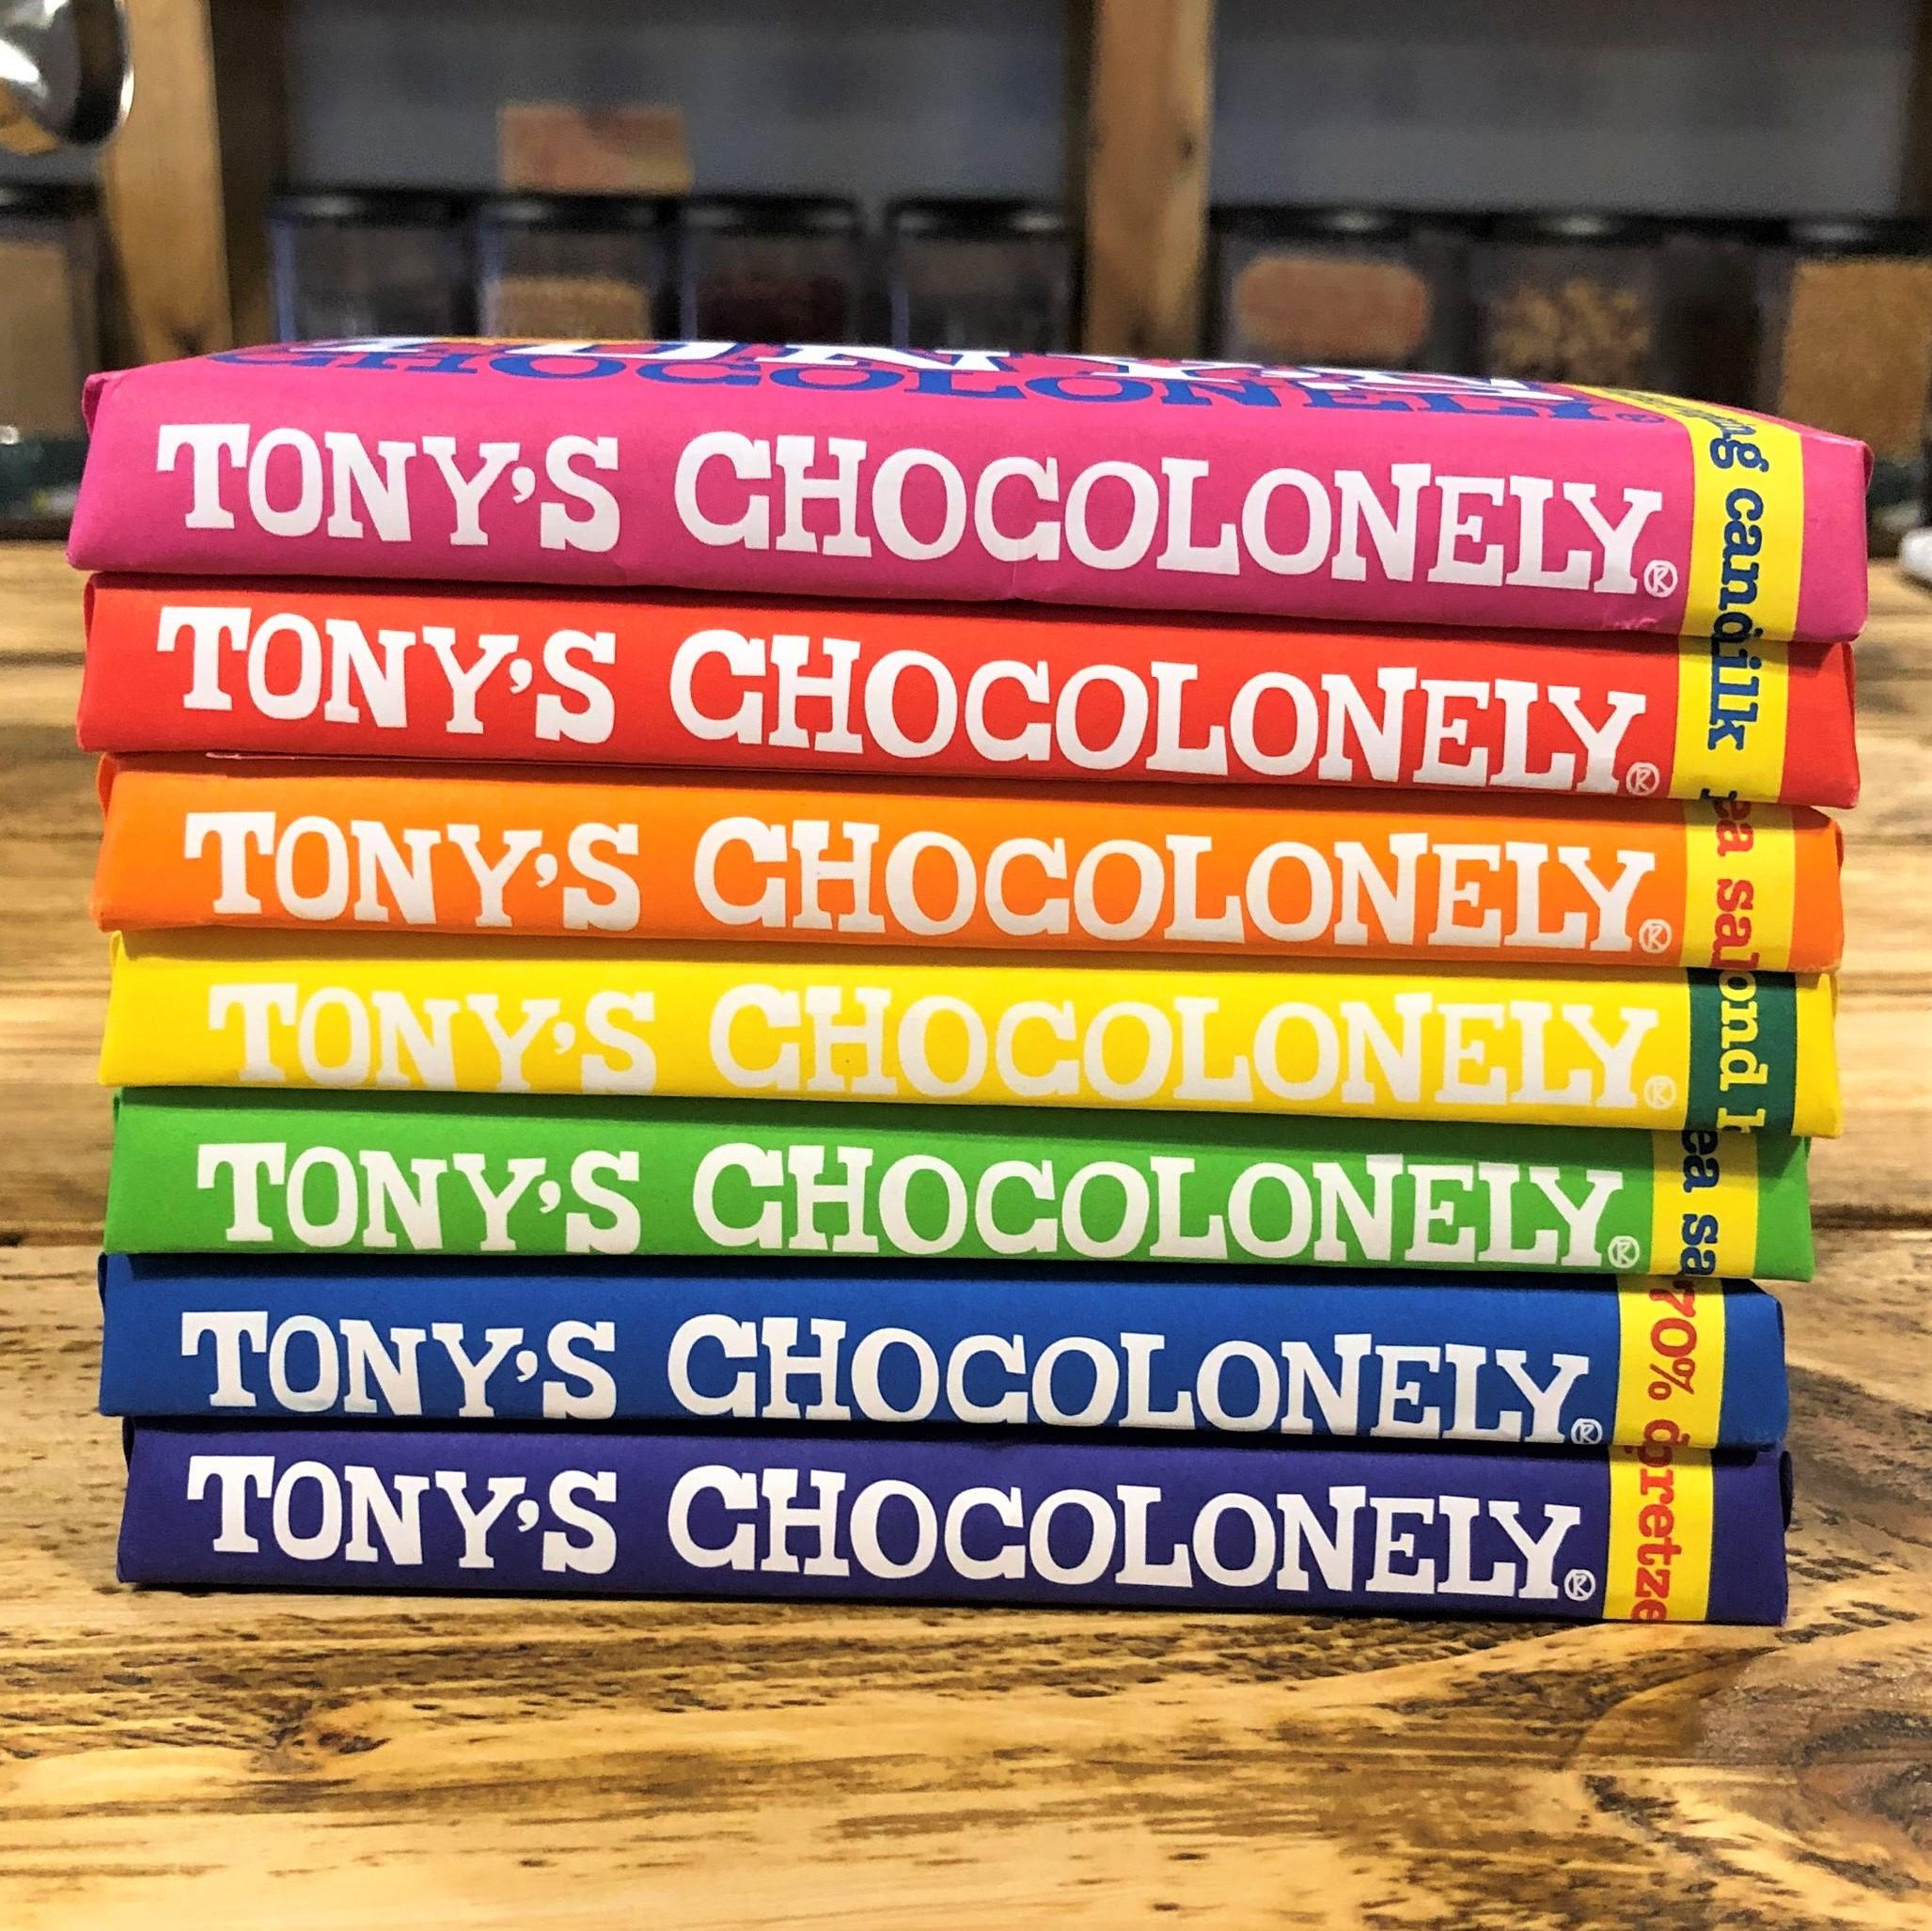 Chocolate bar (180g) by Tony's Chocolonely (Faitrade)